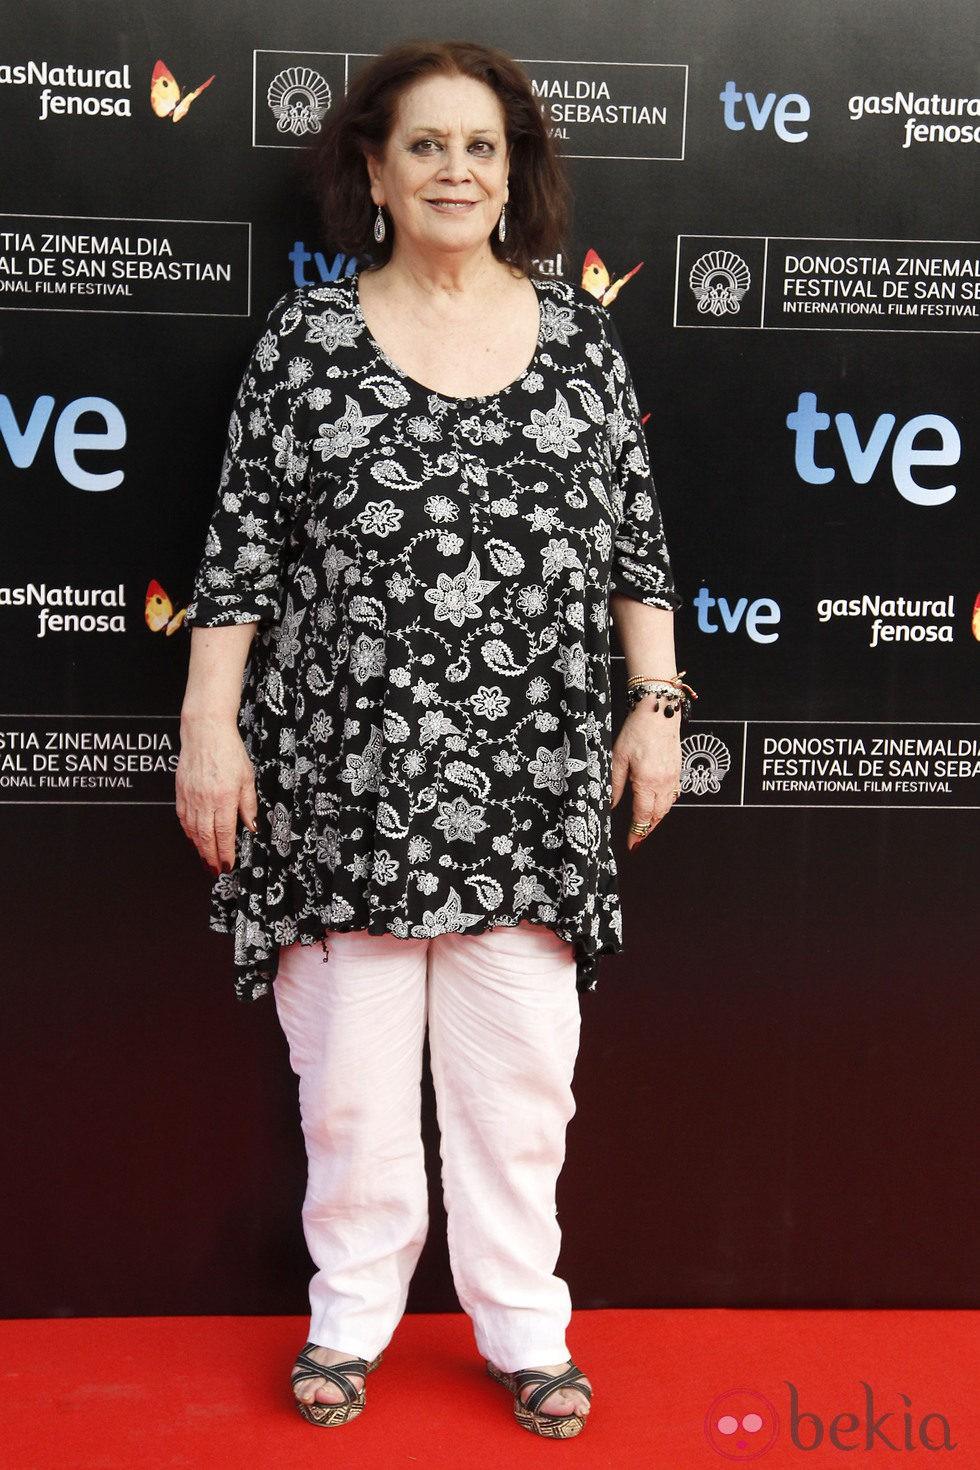 Terele Pávez en la presentación del Festival de Cine de San Sebastián 2013